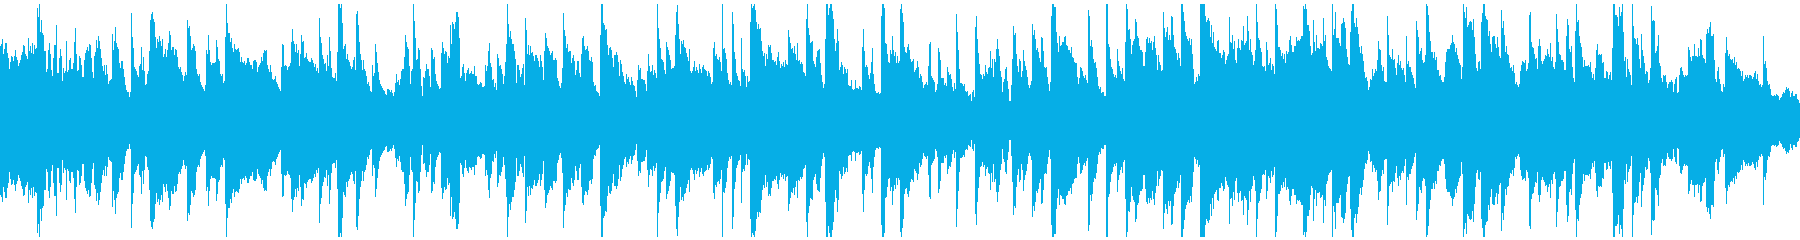 朝のリラクゼーション、安眠 ※ループ版の再生済みの波形